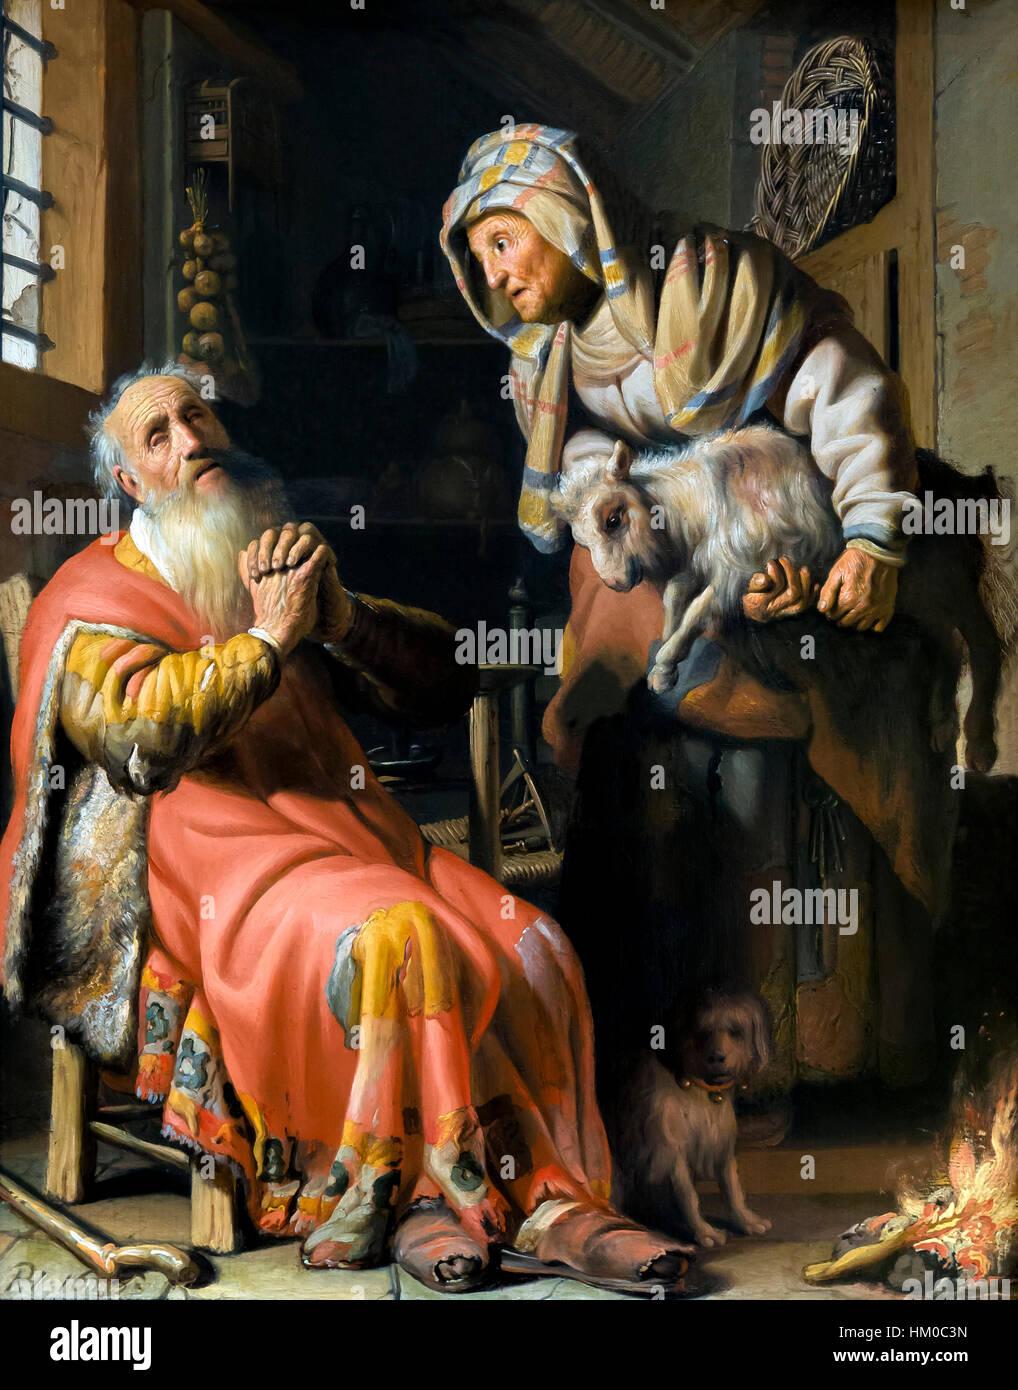 Tobia e Anna con il bambino, da Rembrandt, 1626, olio su pannello, rijksmuseum amsterdam, Paesi Bassi, Europa Immagini Stock